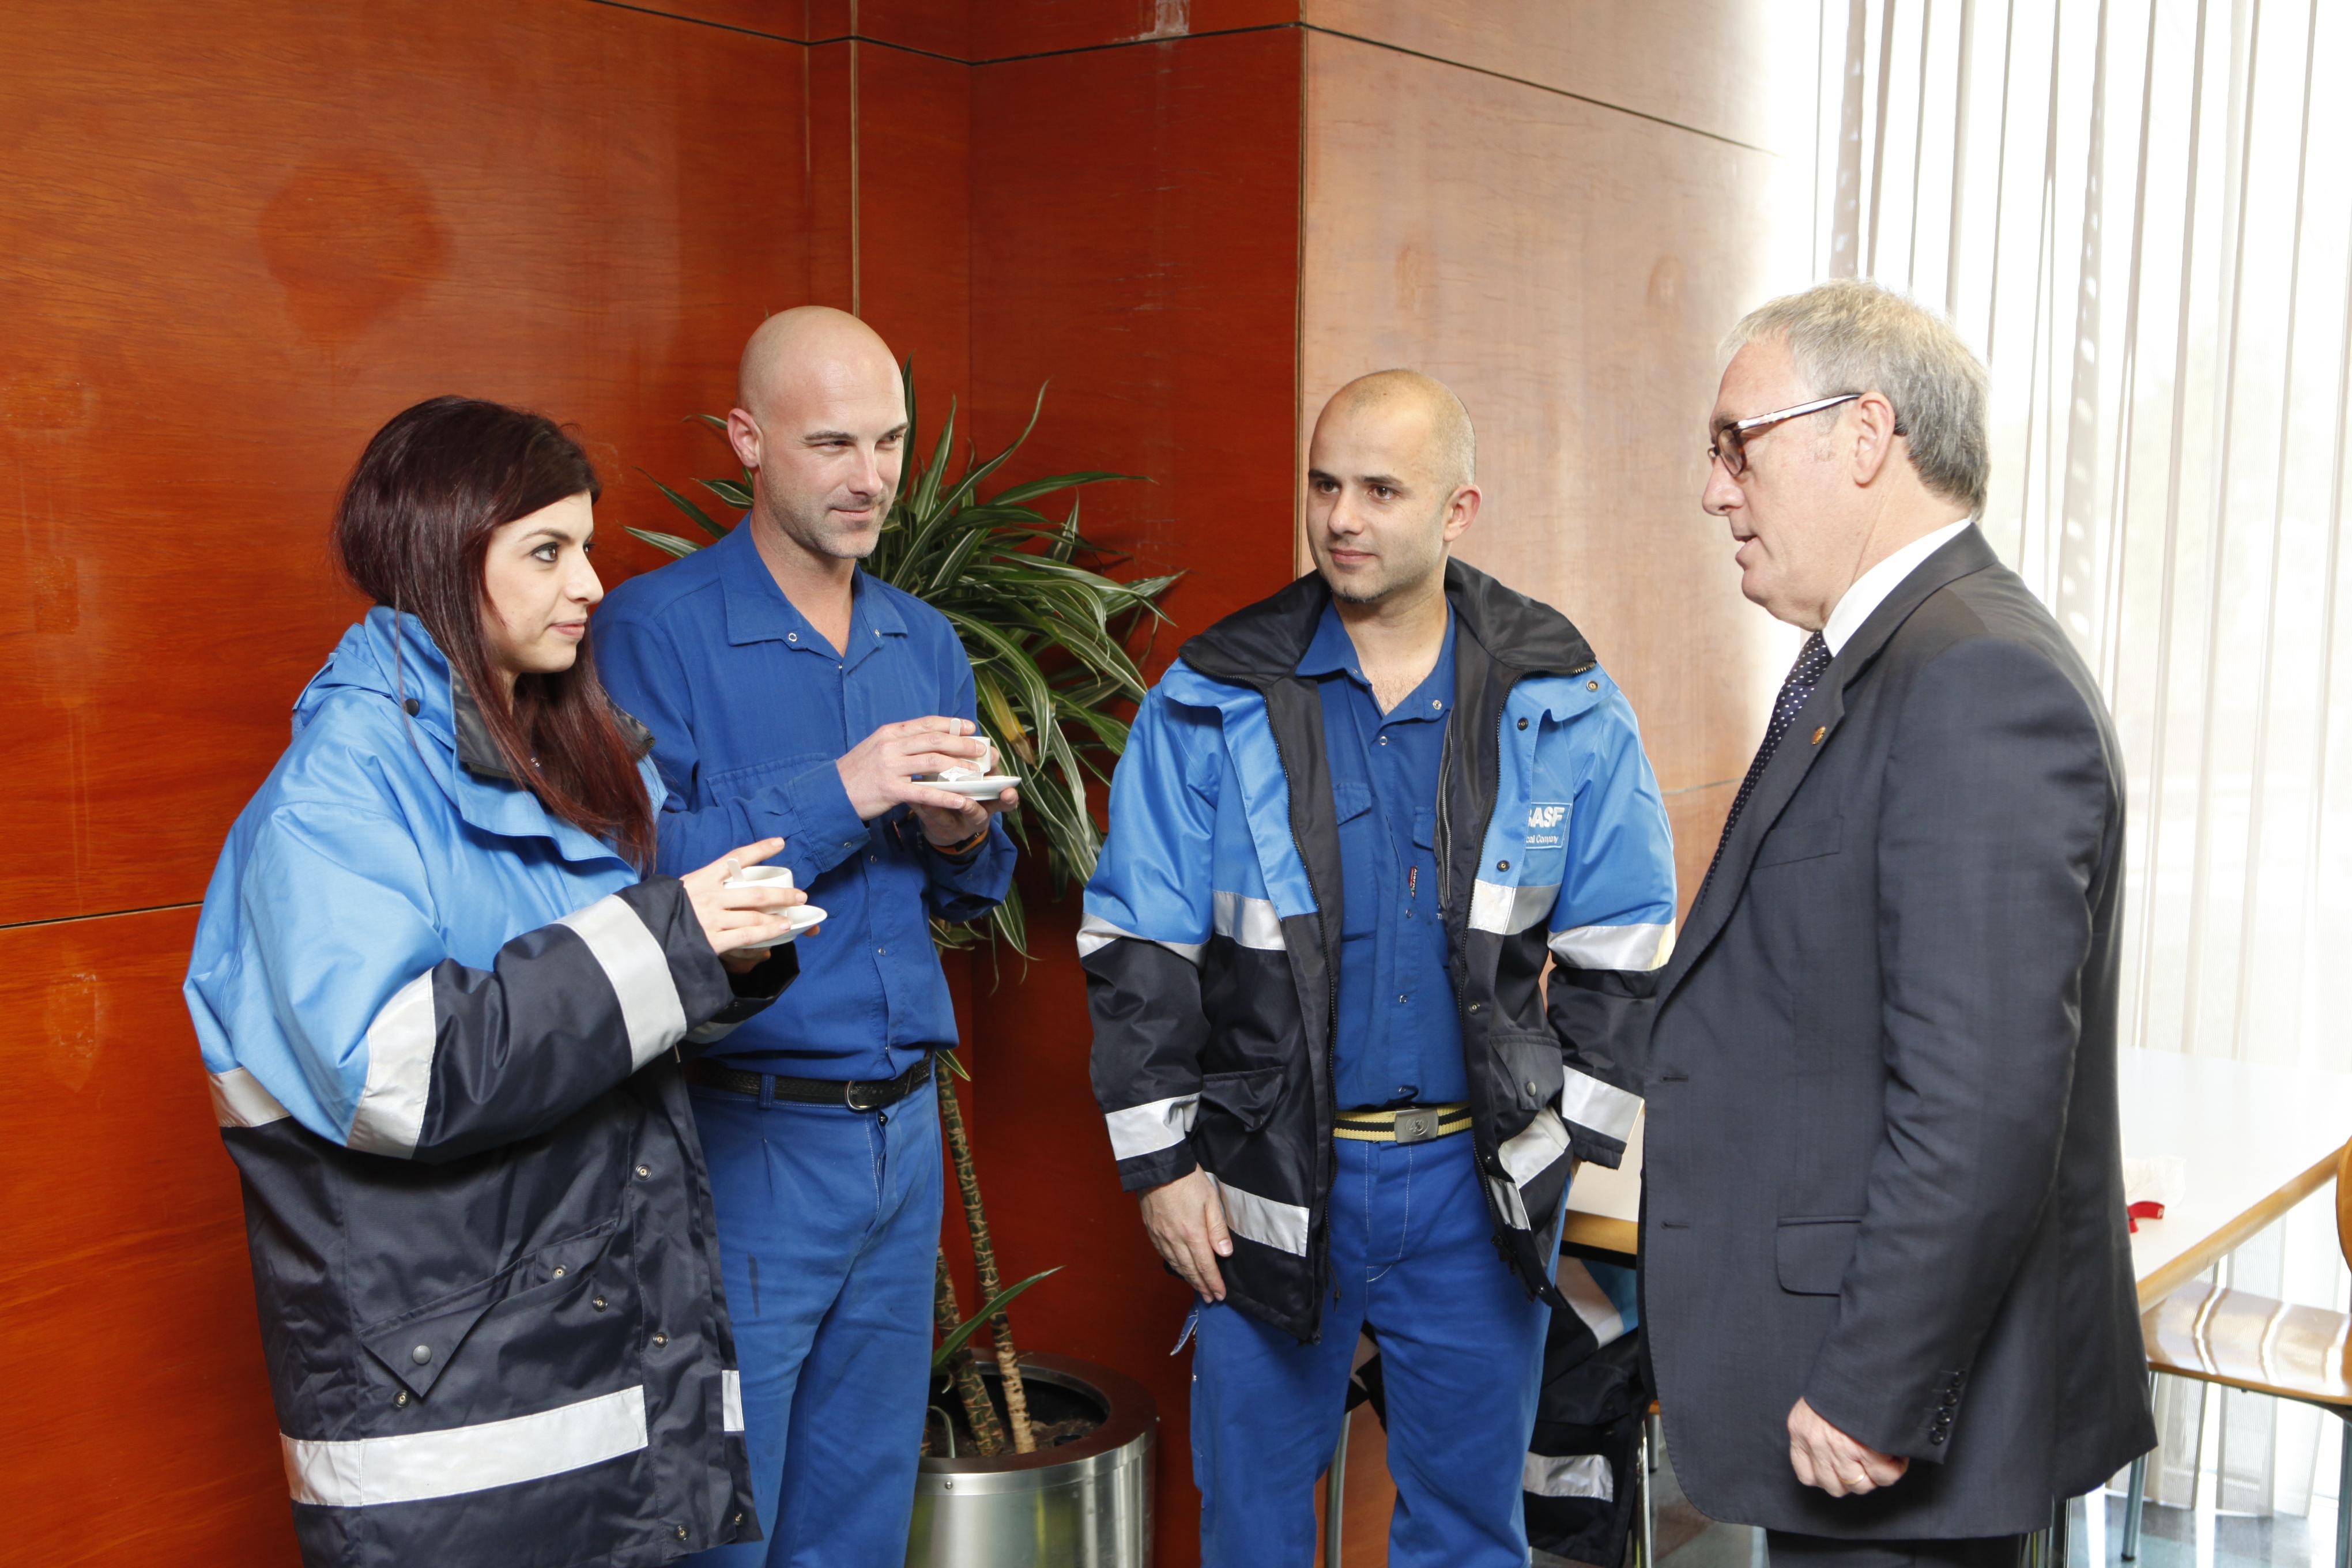 Alcalde de Vila-seca i president de la Diputació, Josep Poblet conversa amb treballadros de BASF a l'hora del cafè (foto: BASF)